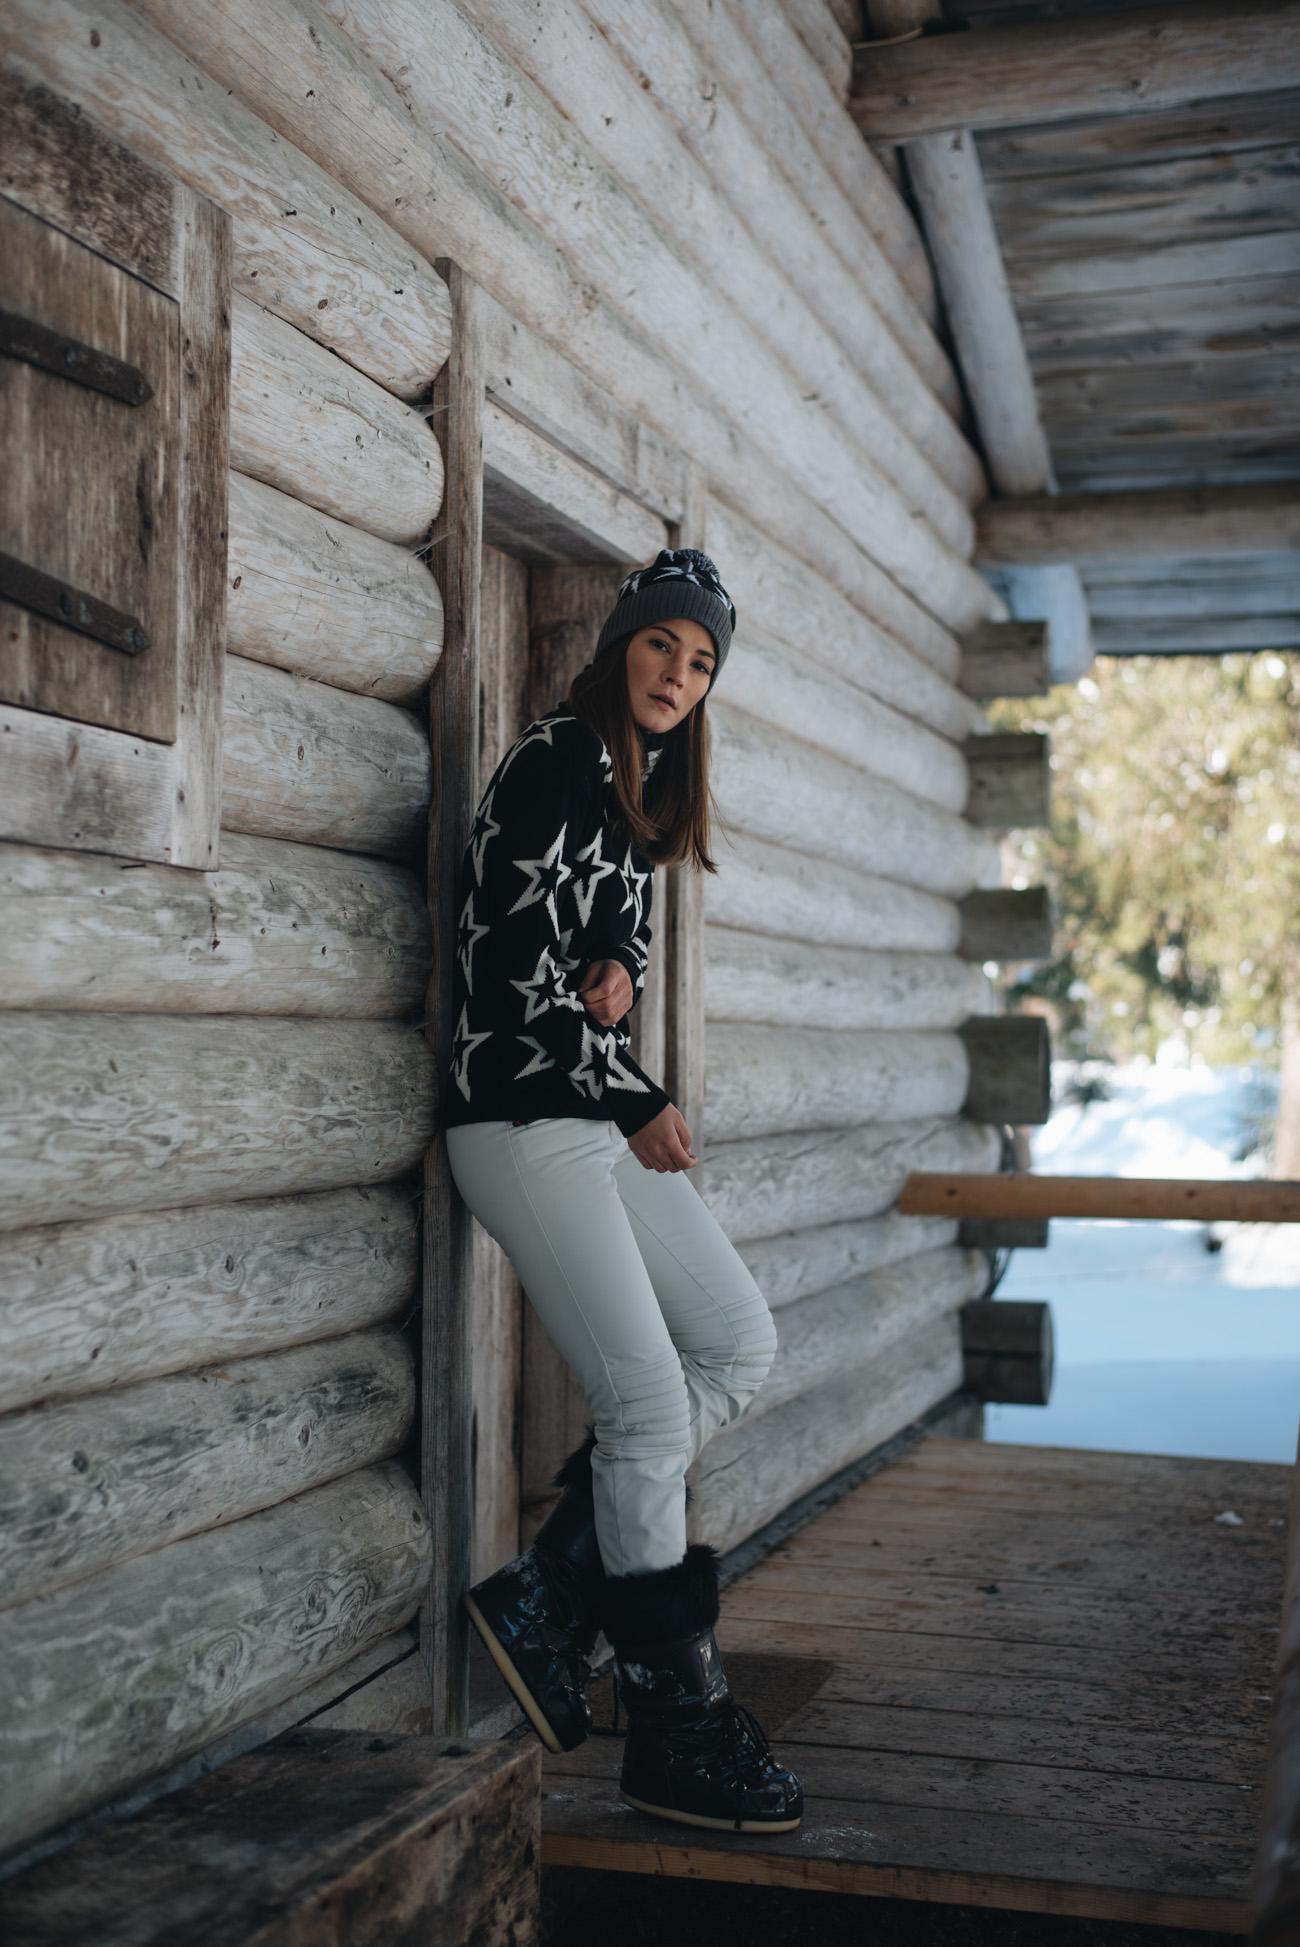 Nina-Schwichtenberg-mode-und-beauty-bloggerin-deutschland-münchen-fashiioncarpet-Ski-Bekleidung-Perfect-Moment-Skikleidung-Winter-Trends-2018-Blazer-Oversize